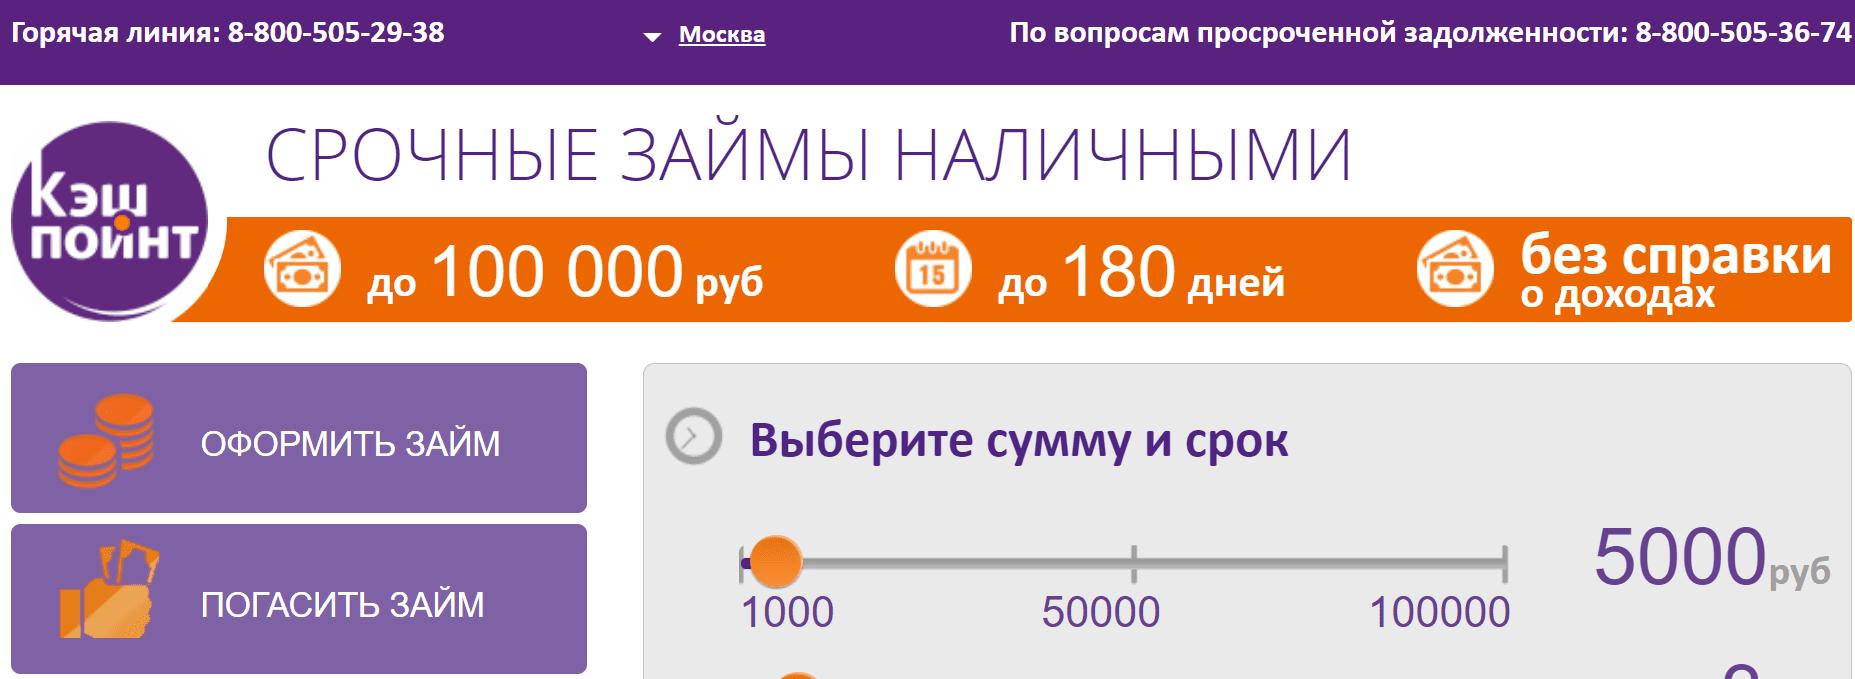 Официальный сайт займодателя «КэшПоинт»